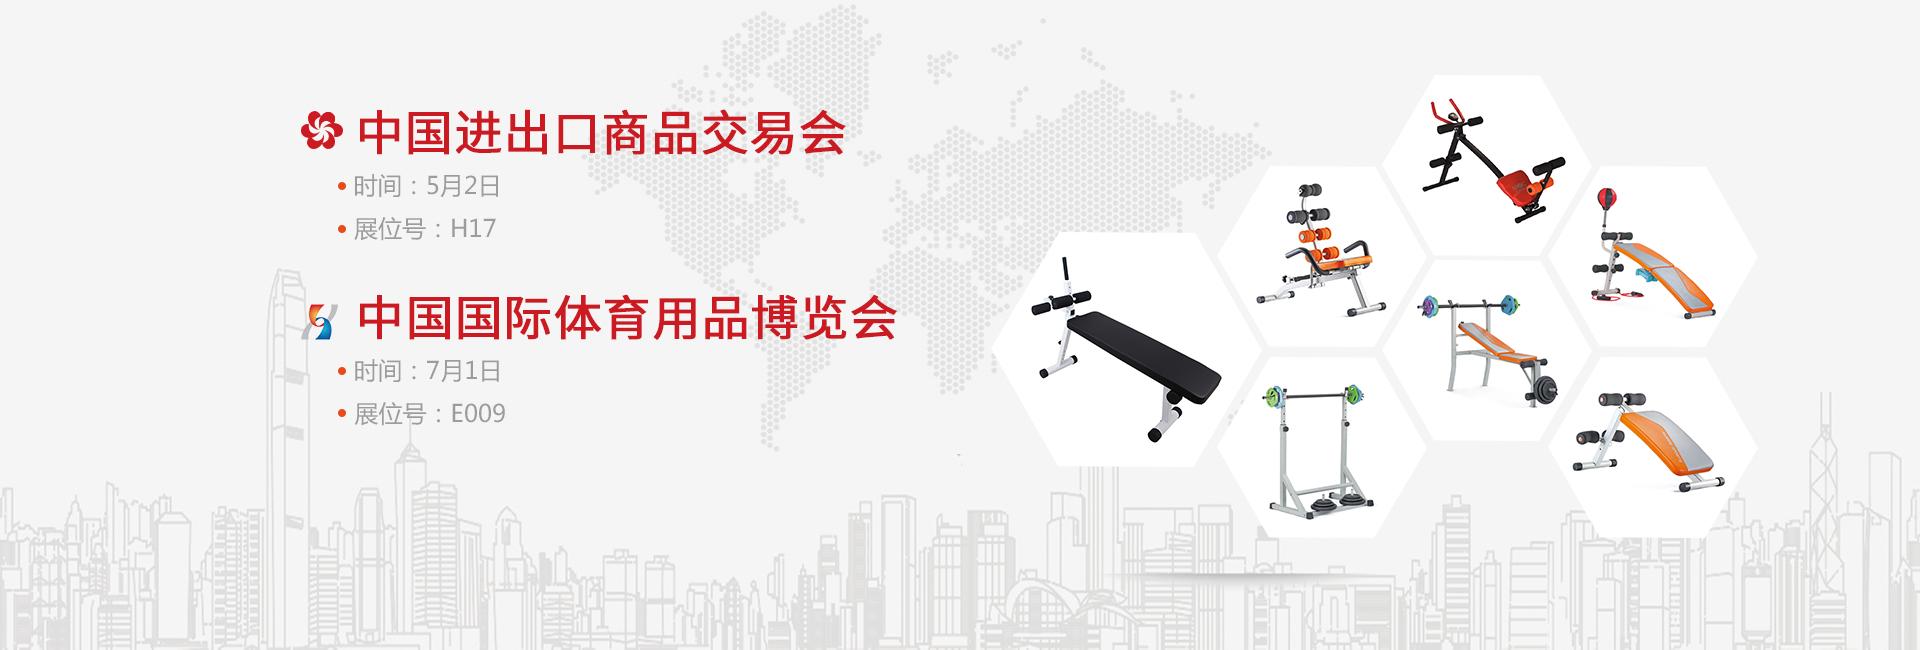 大邦健身器材厂家联系方式官网及地址